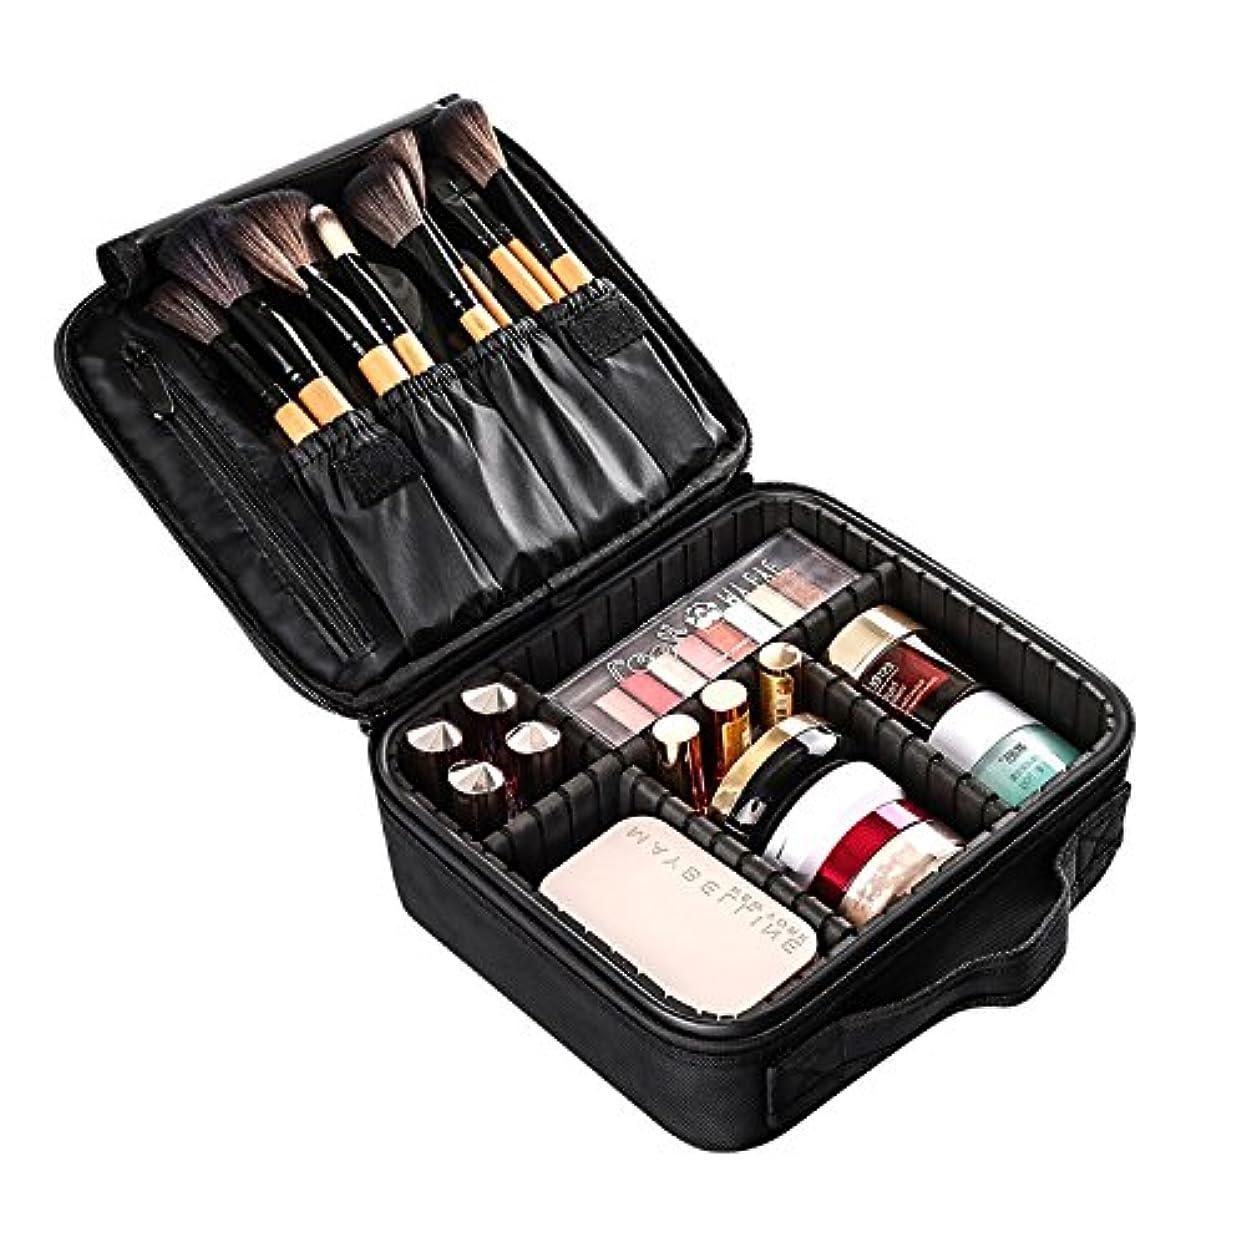 ルーキーカーペット元気なELOKI プロ用 メイクボックス 高品質 收納抜群 大容量 化粧バッグ 置き方が調整できる 旅行 家用に大活躍な化粧箱